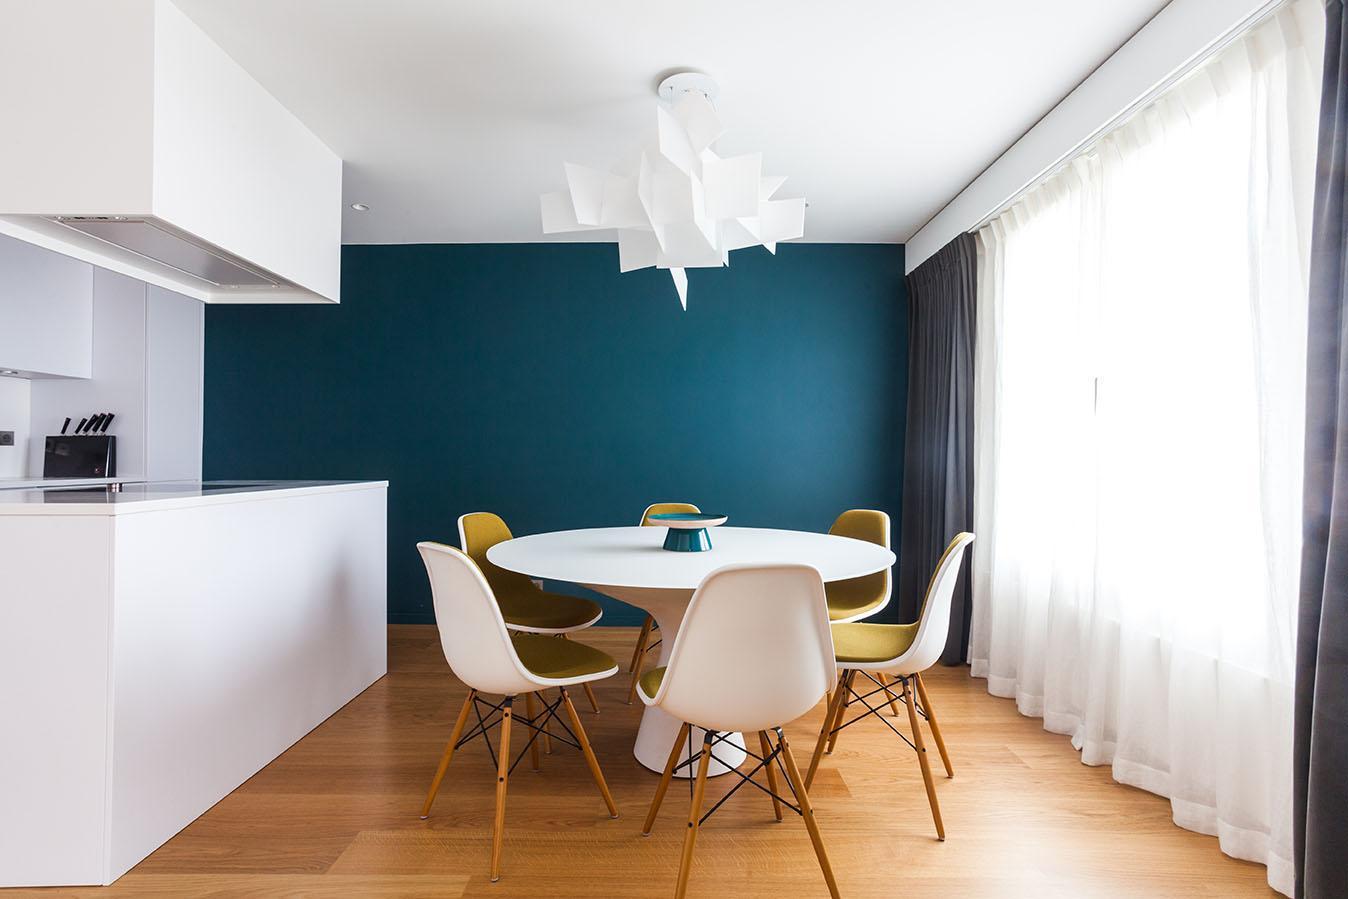 architecte interieur pau architecte interieur pau architecte interieur pau plan architecte. Black Bedroom Furniture Sets. Home Design Ideas